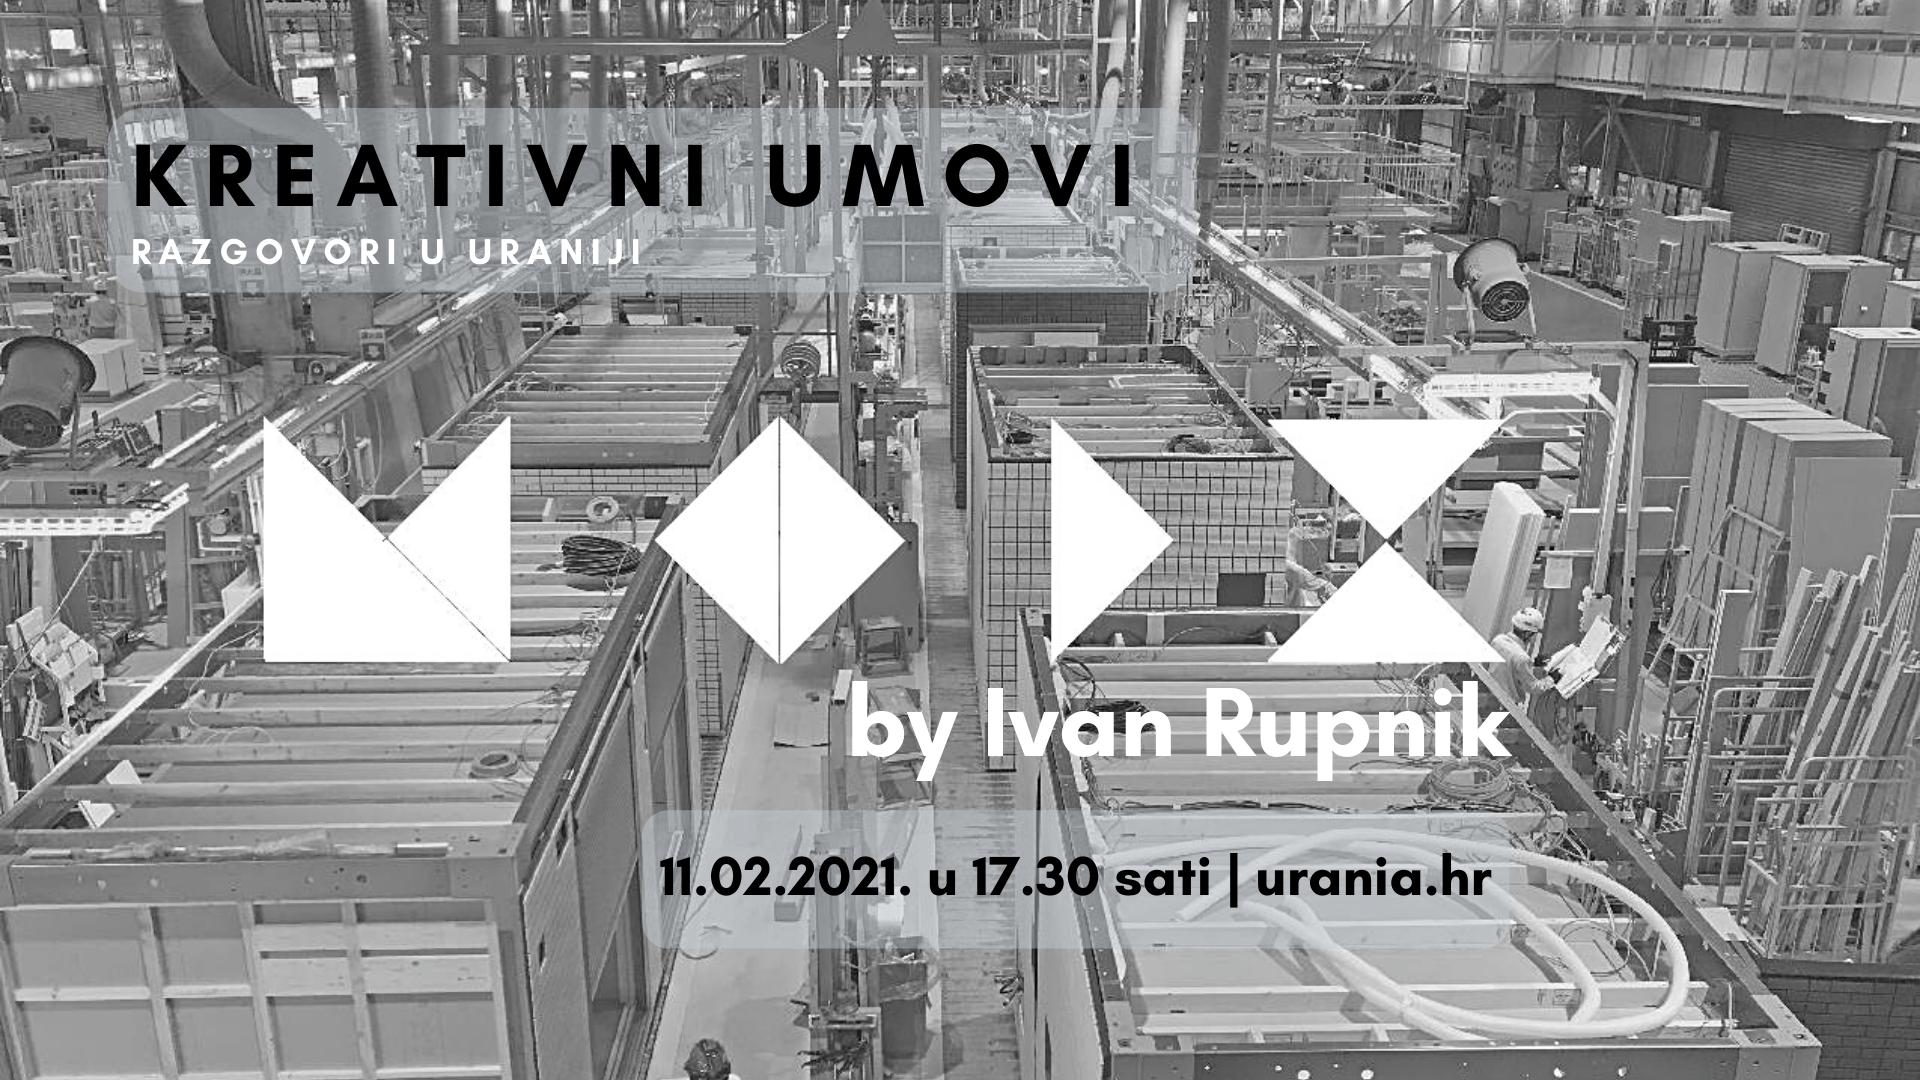 Kreativni umovi: Ivan Rupnik   MOD X - platforma za upravljanje i razmjenu znanja